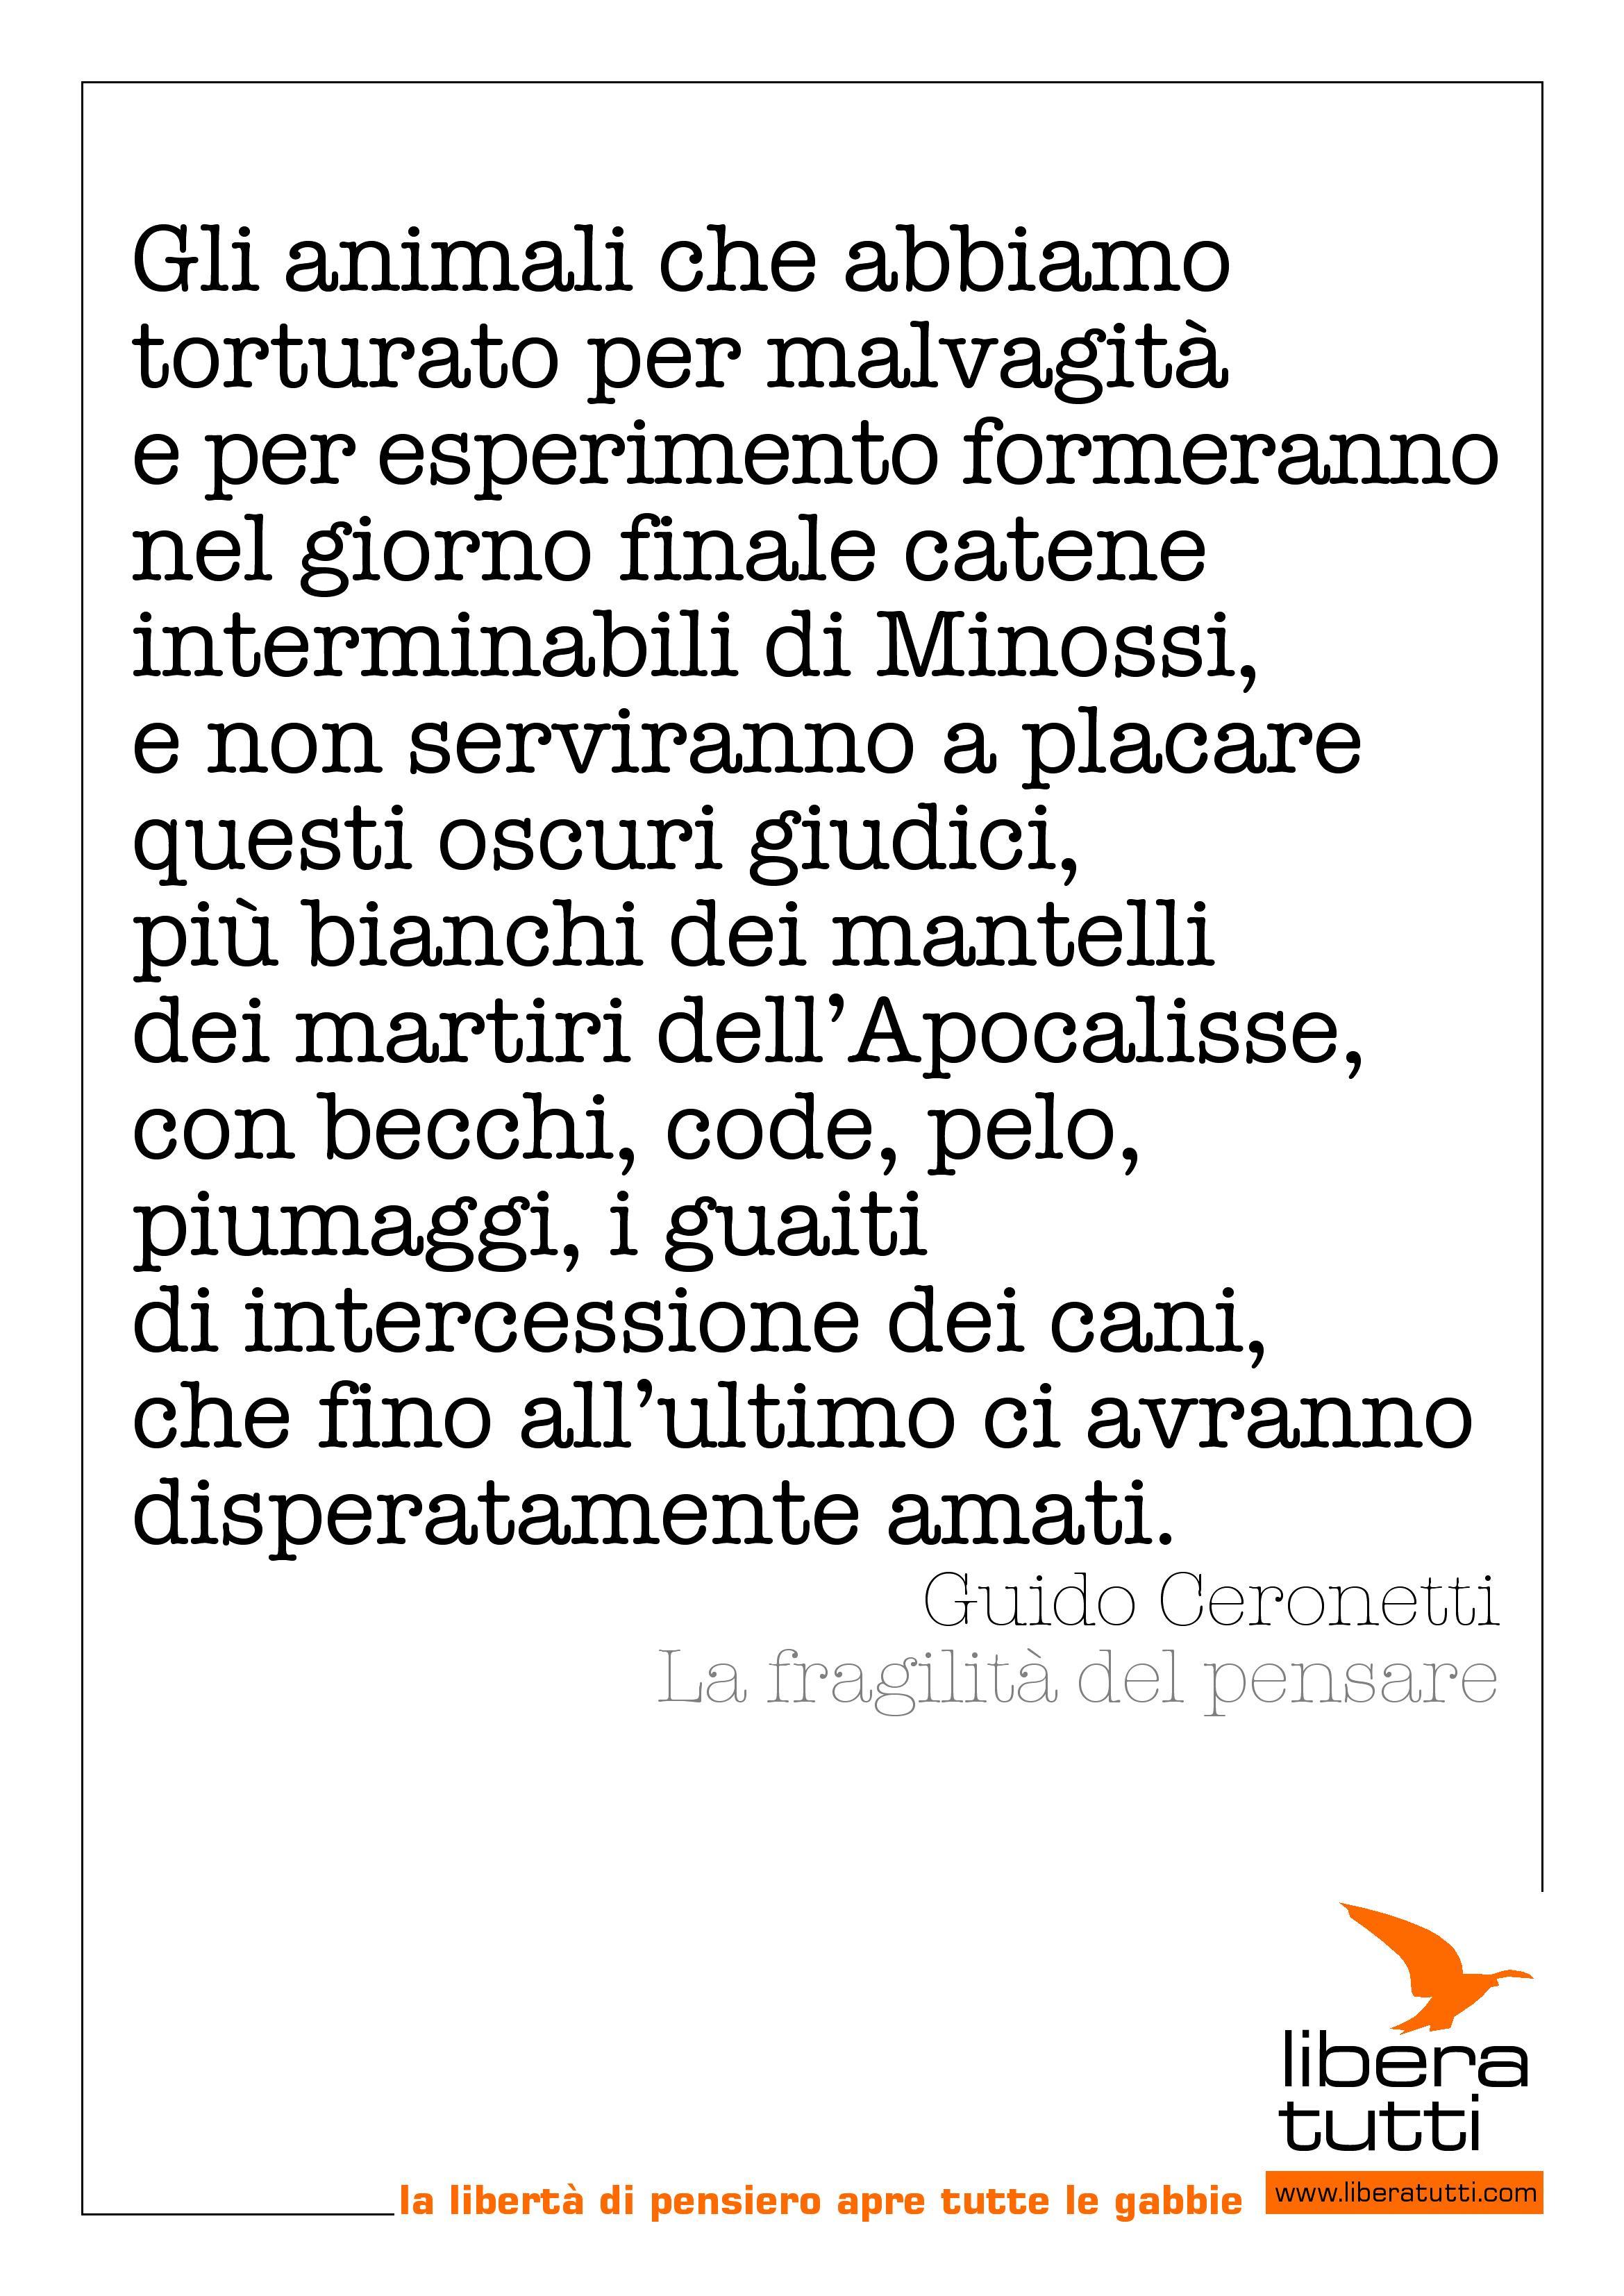 Ceronetti